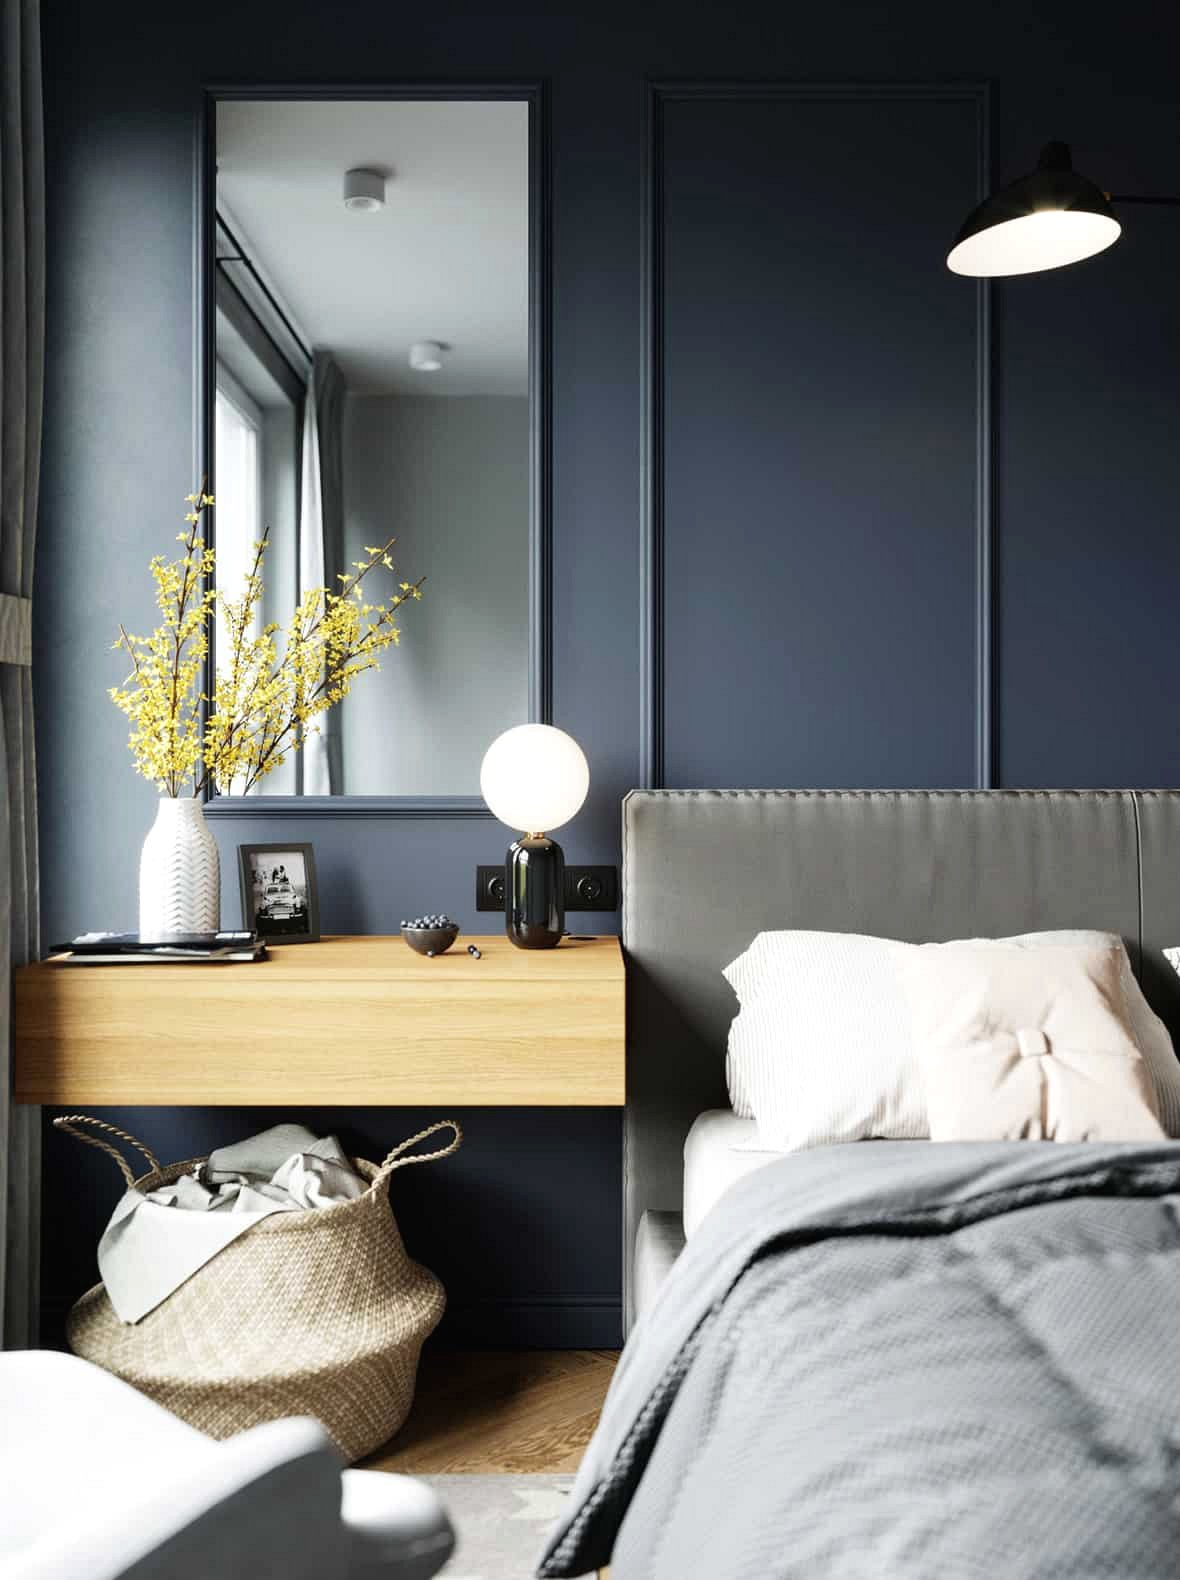 Trên bàn trang điểm treo tường, một chiếc bình trang trí hoa màu vàng tương phản đậm với bức tường màu xanh đằng sau nó.